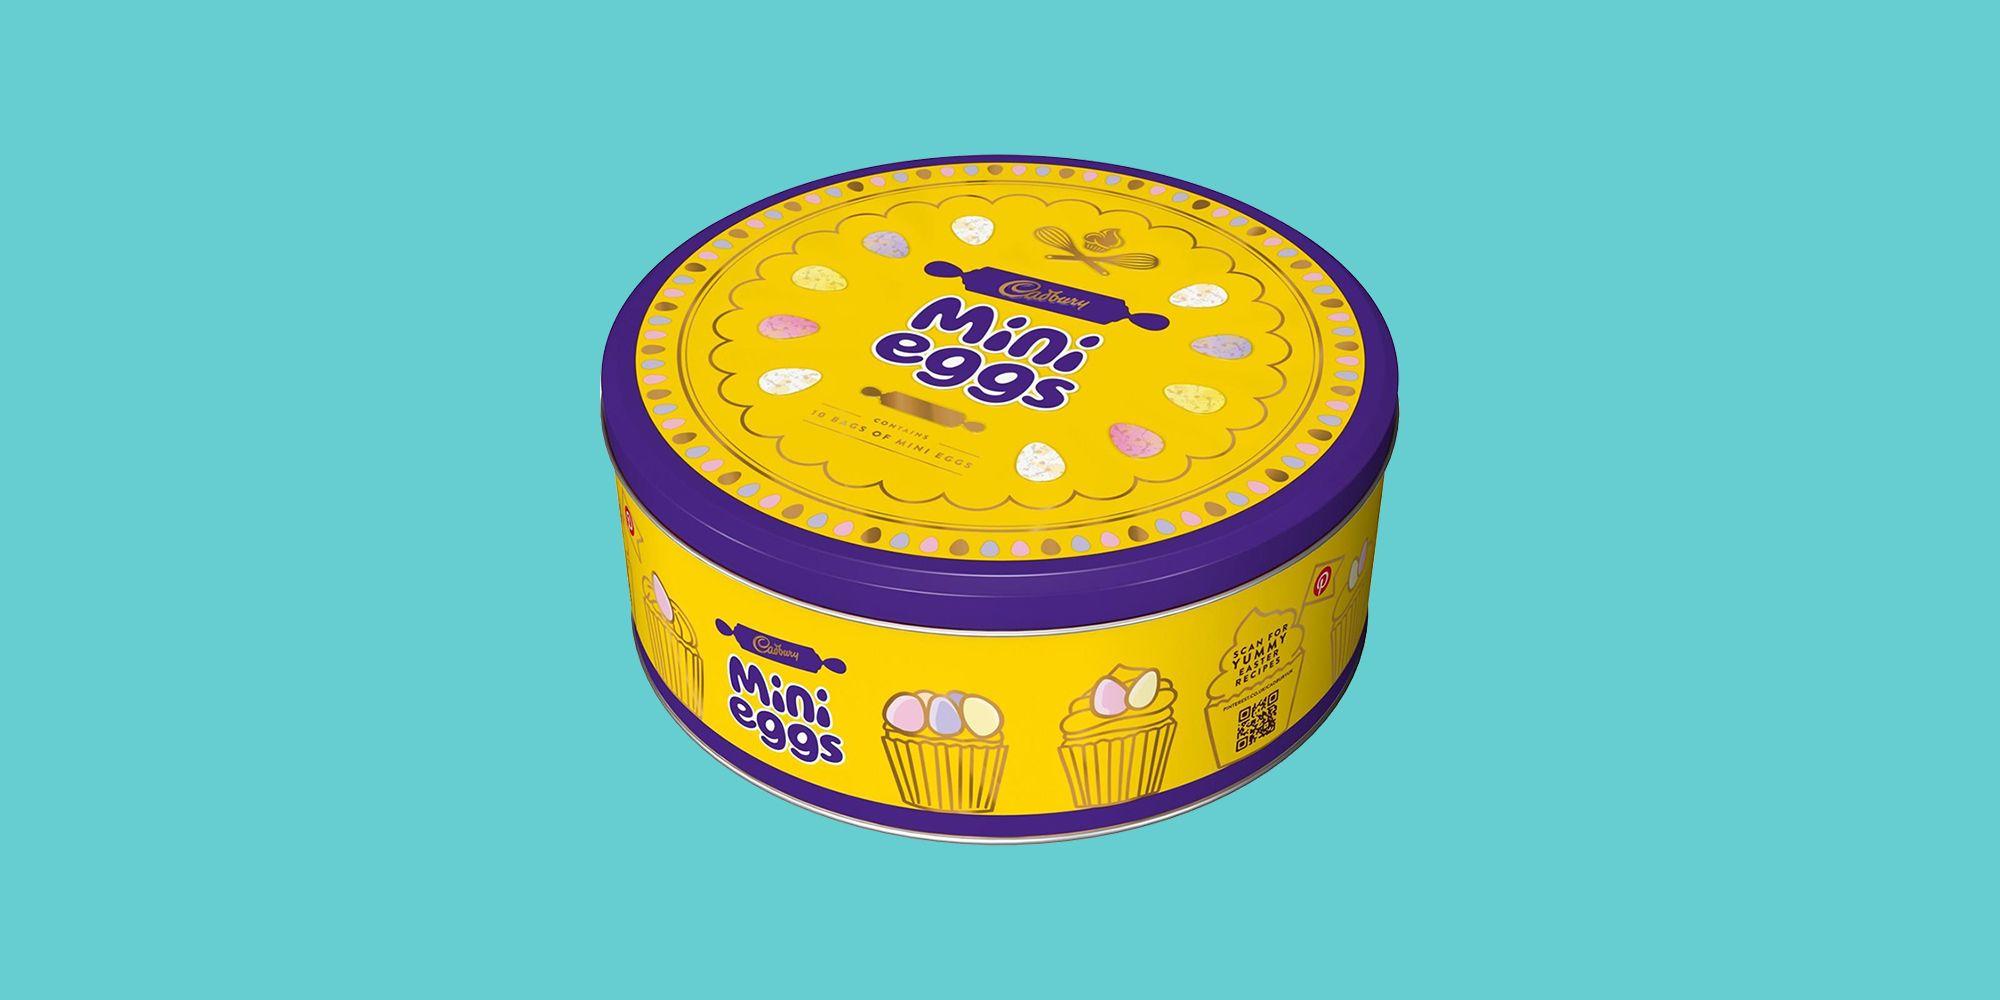 Cadbury are selling a Mini Eggs Tin